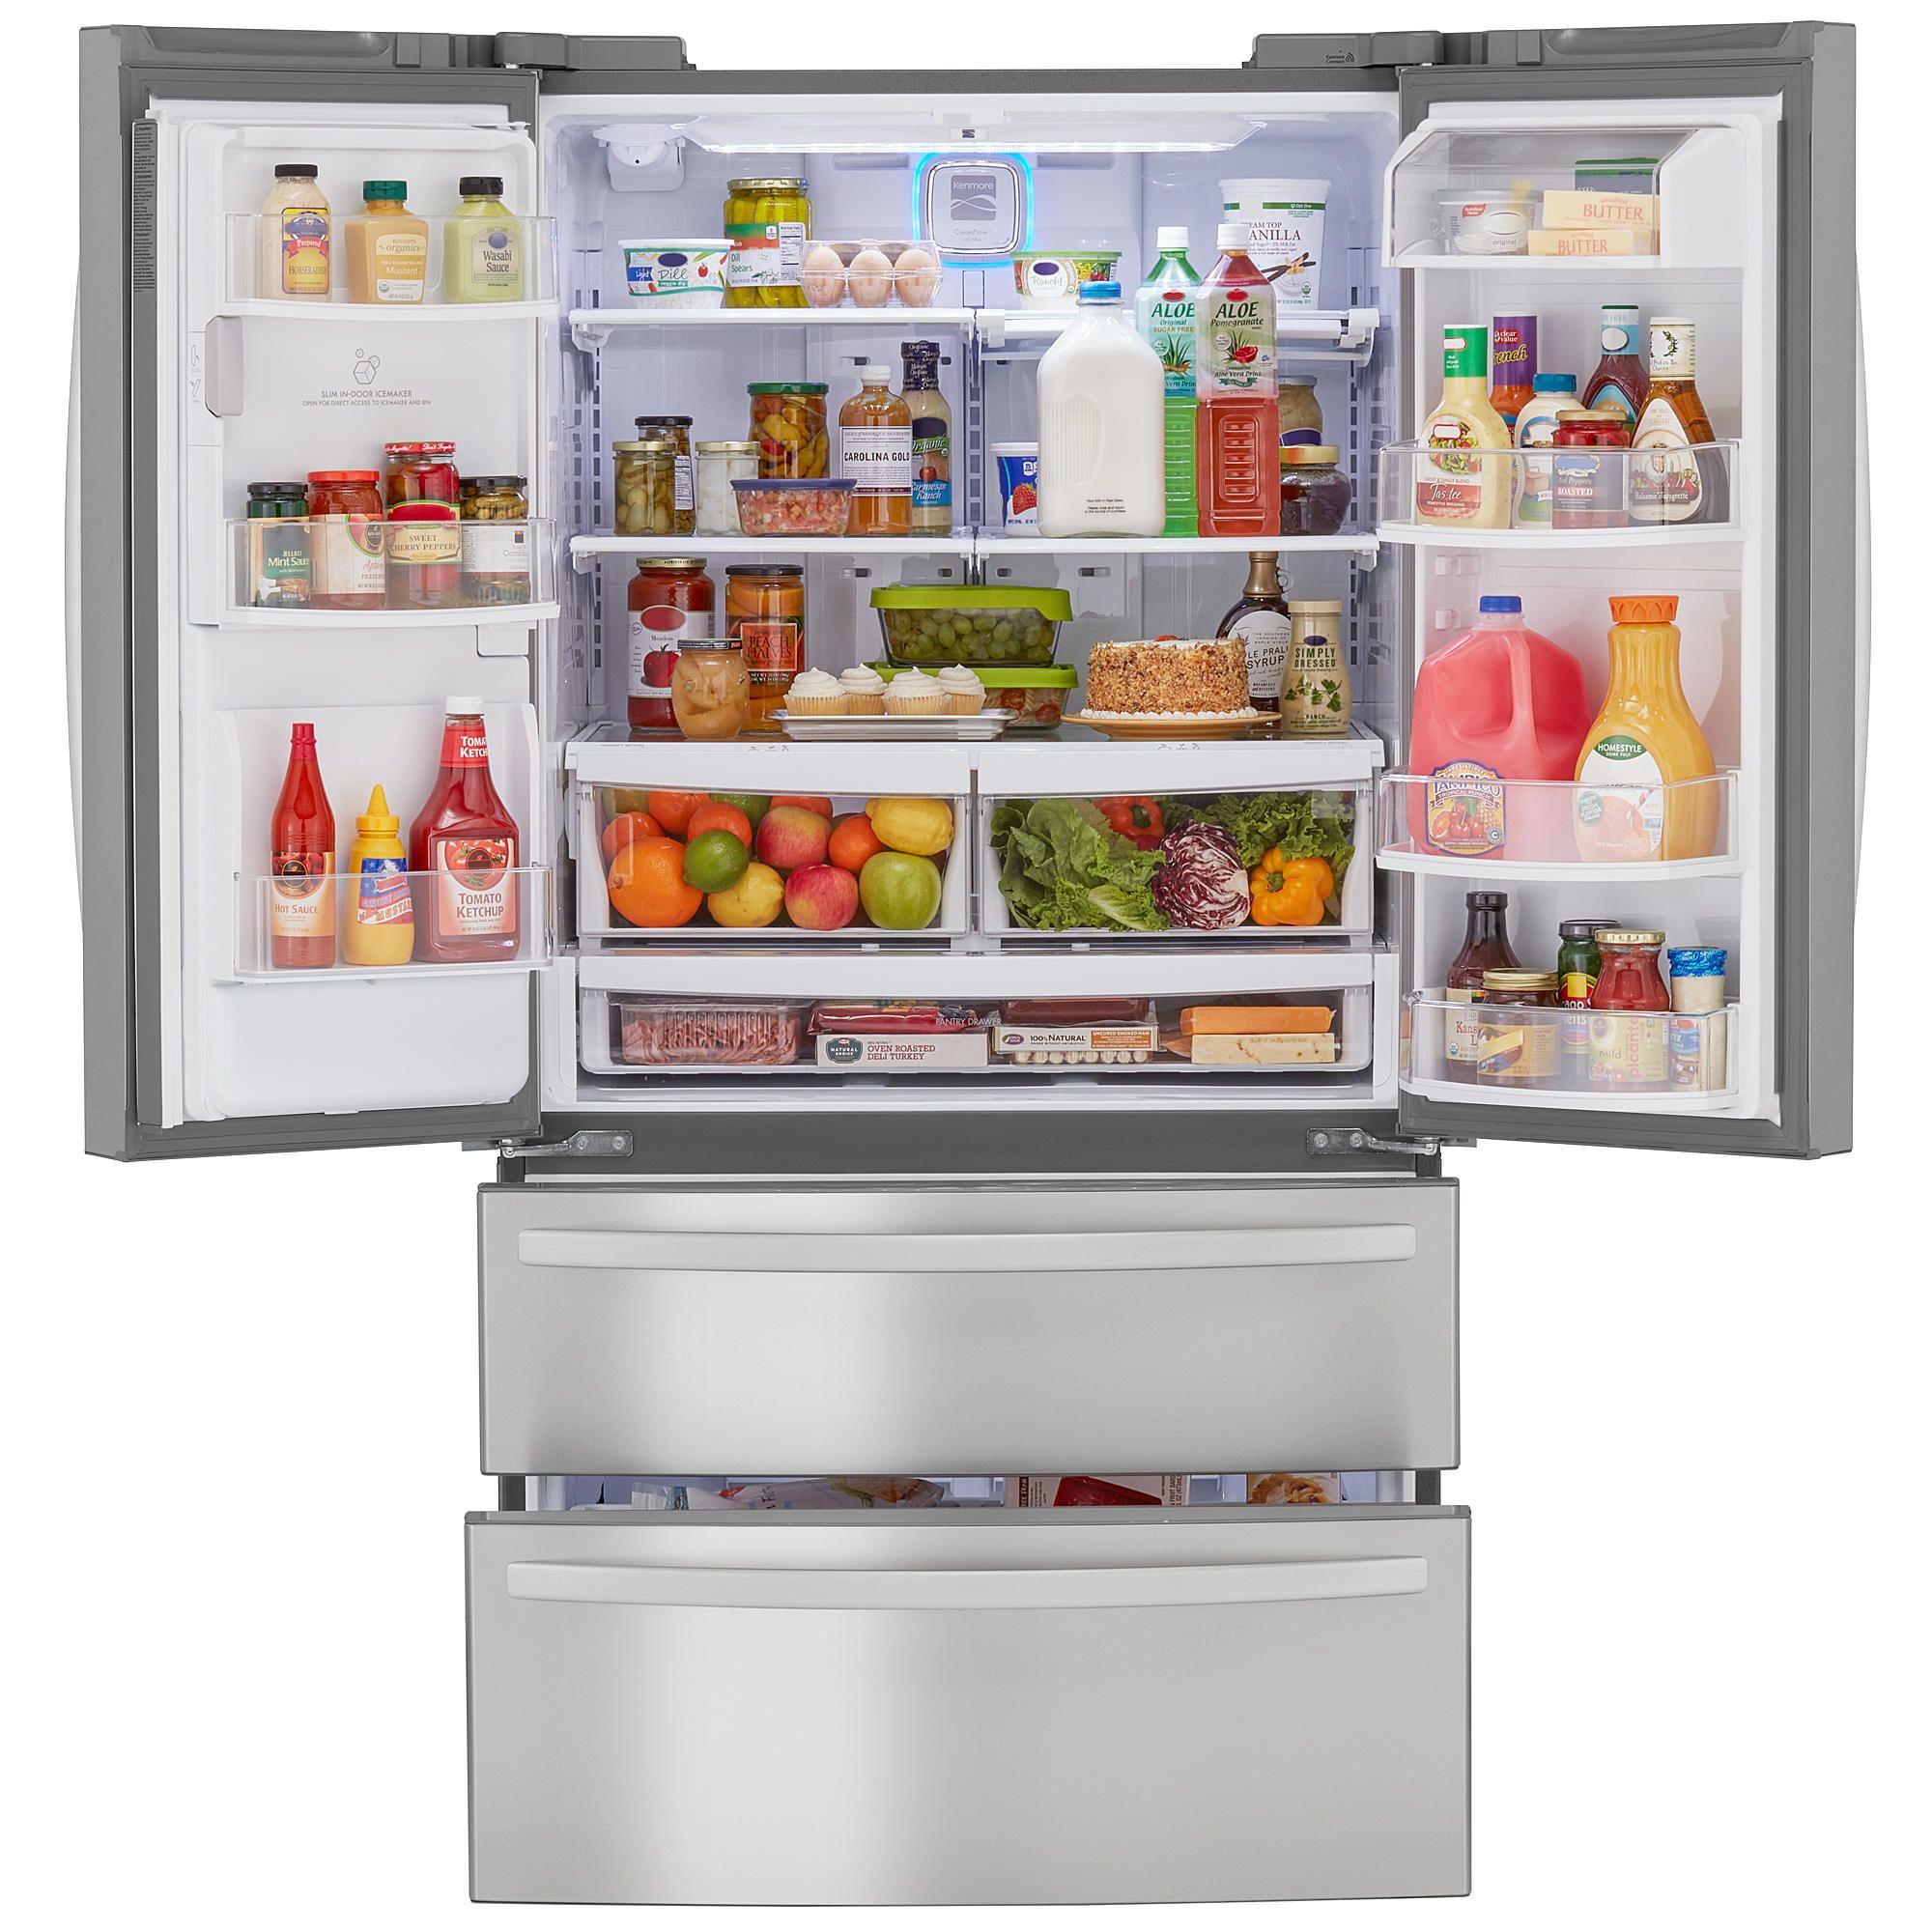 Kenmore 26 7 cu ft 4 Door French Door Refrigerator w Dual